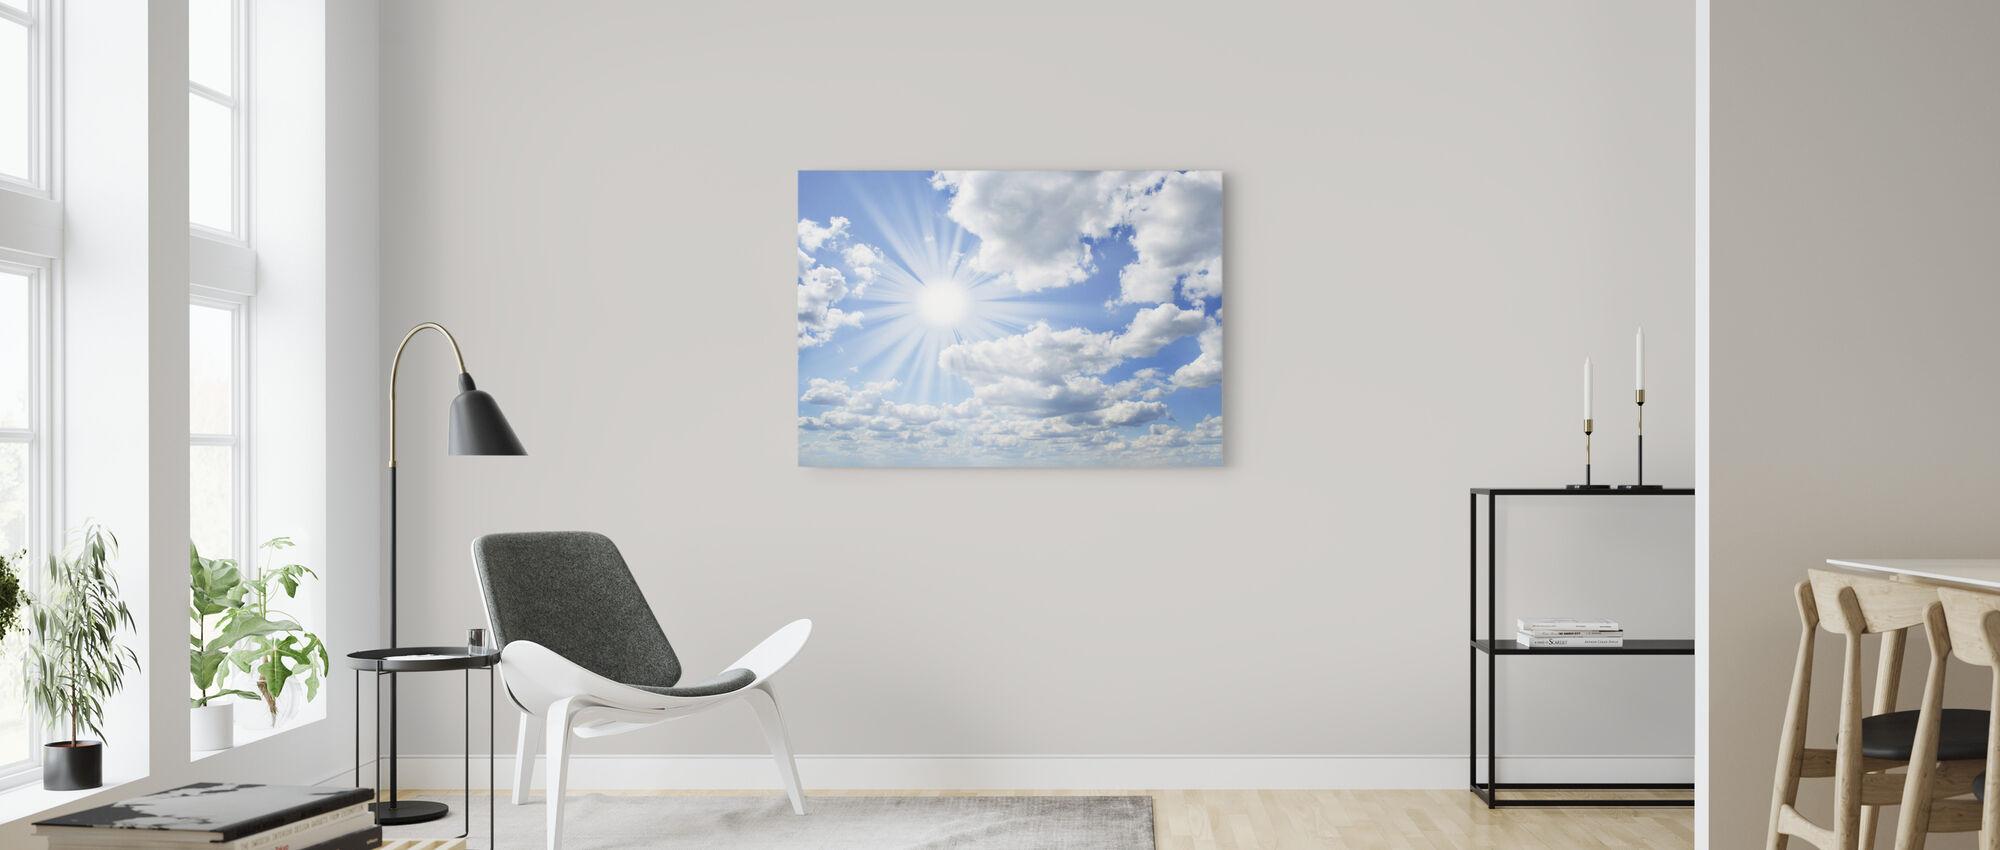 Aurinkoinen päivä - Canvastaulu - Olohuone